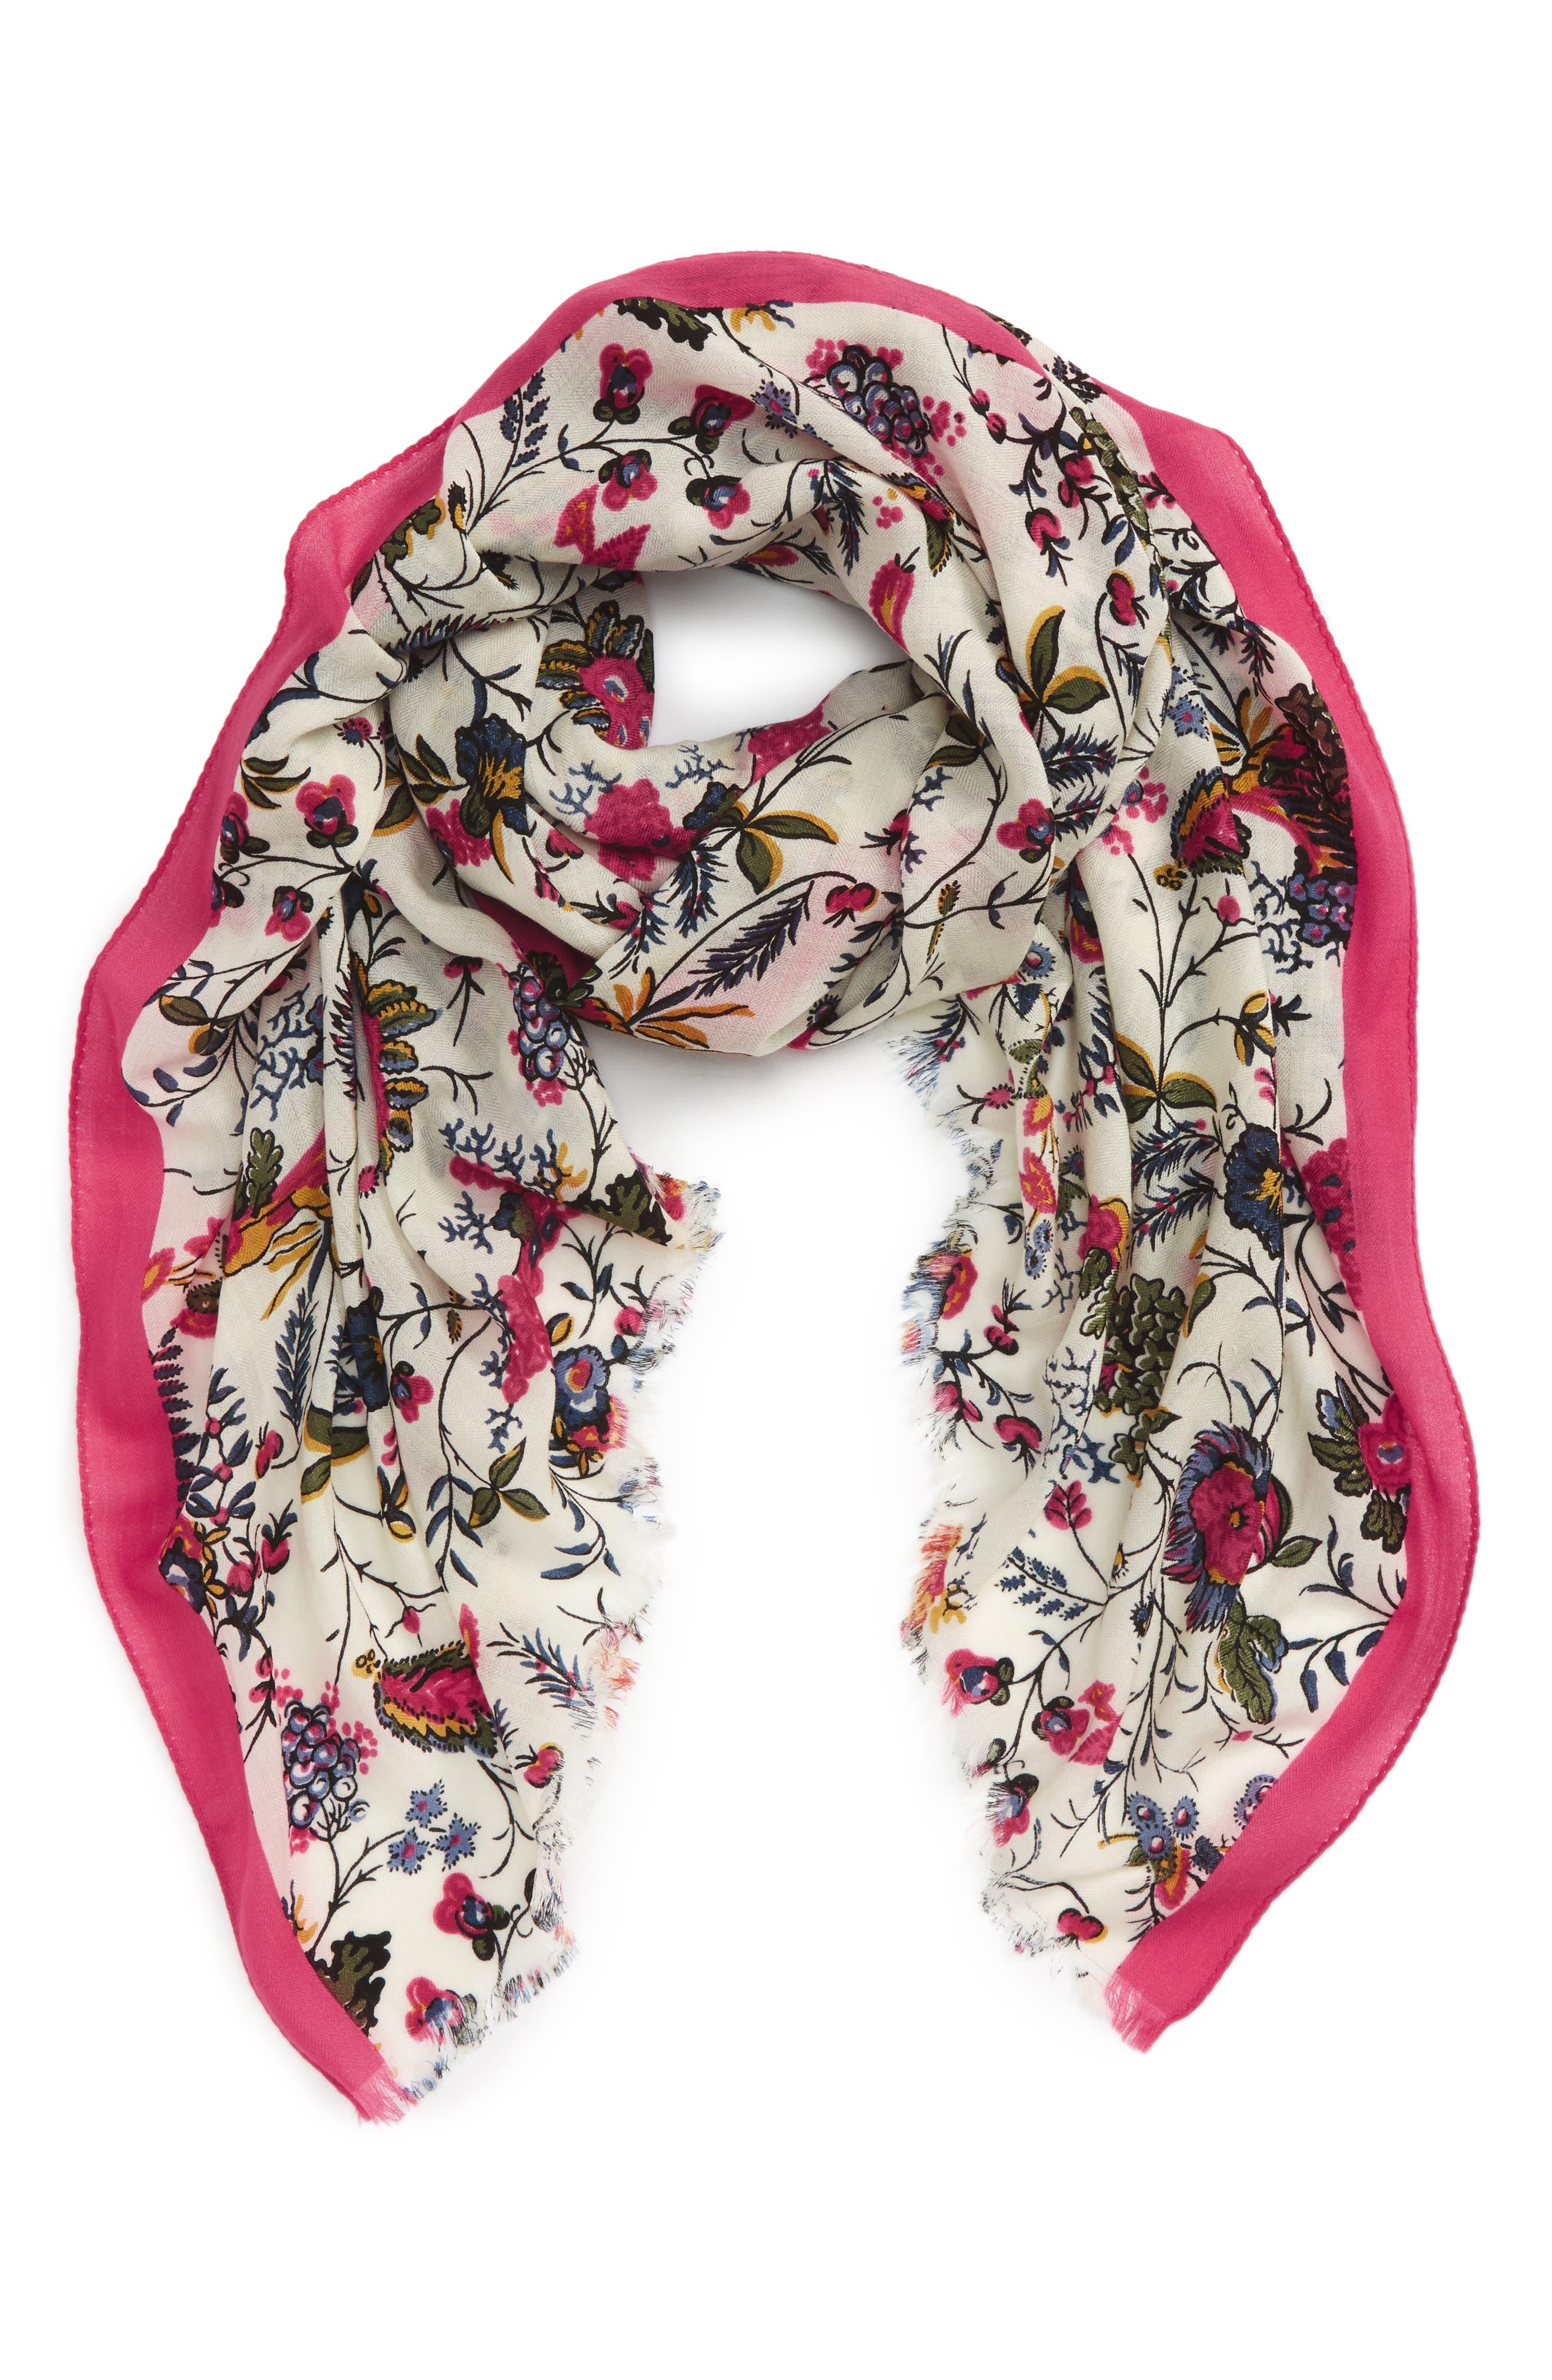 Tory Burch Gabriella Floral Wool Scarf